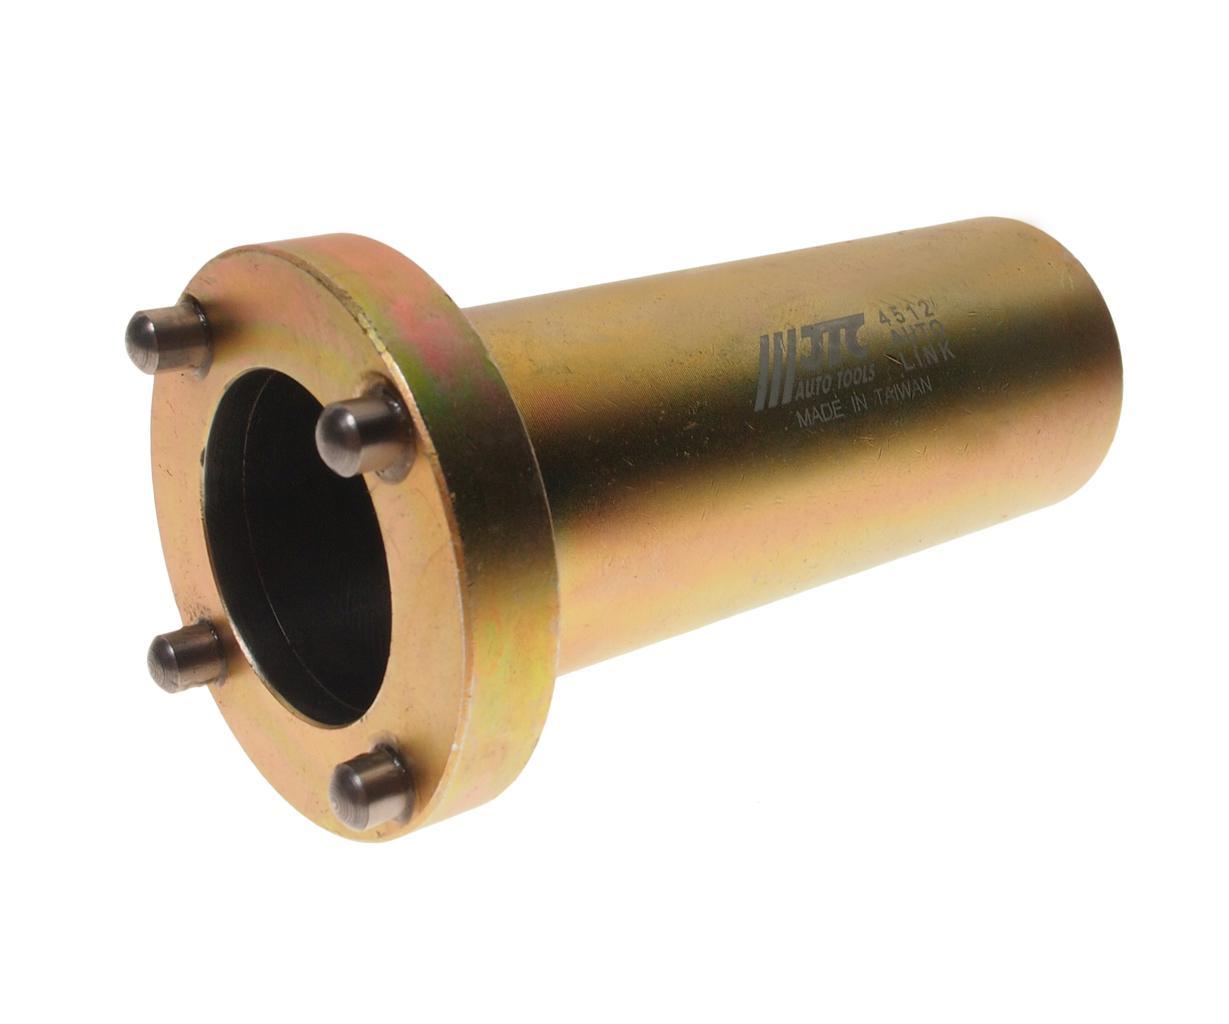 Набор Jtc Jtc-4512 головка для кислородных датчиков и вакуумных переключателей jtc 7 8 под конусную гайку jtc 1607